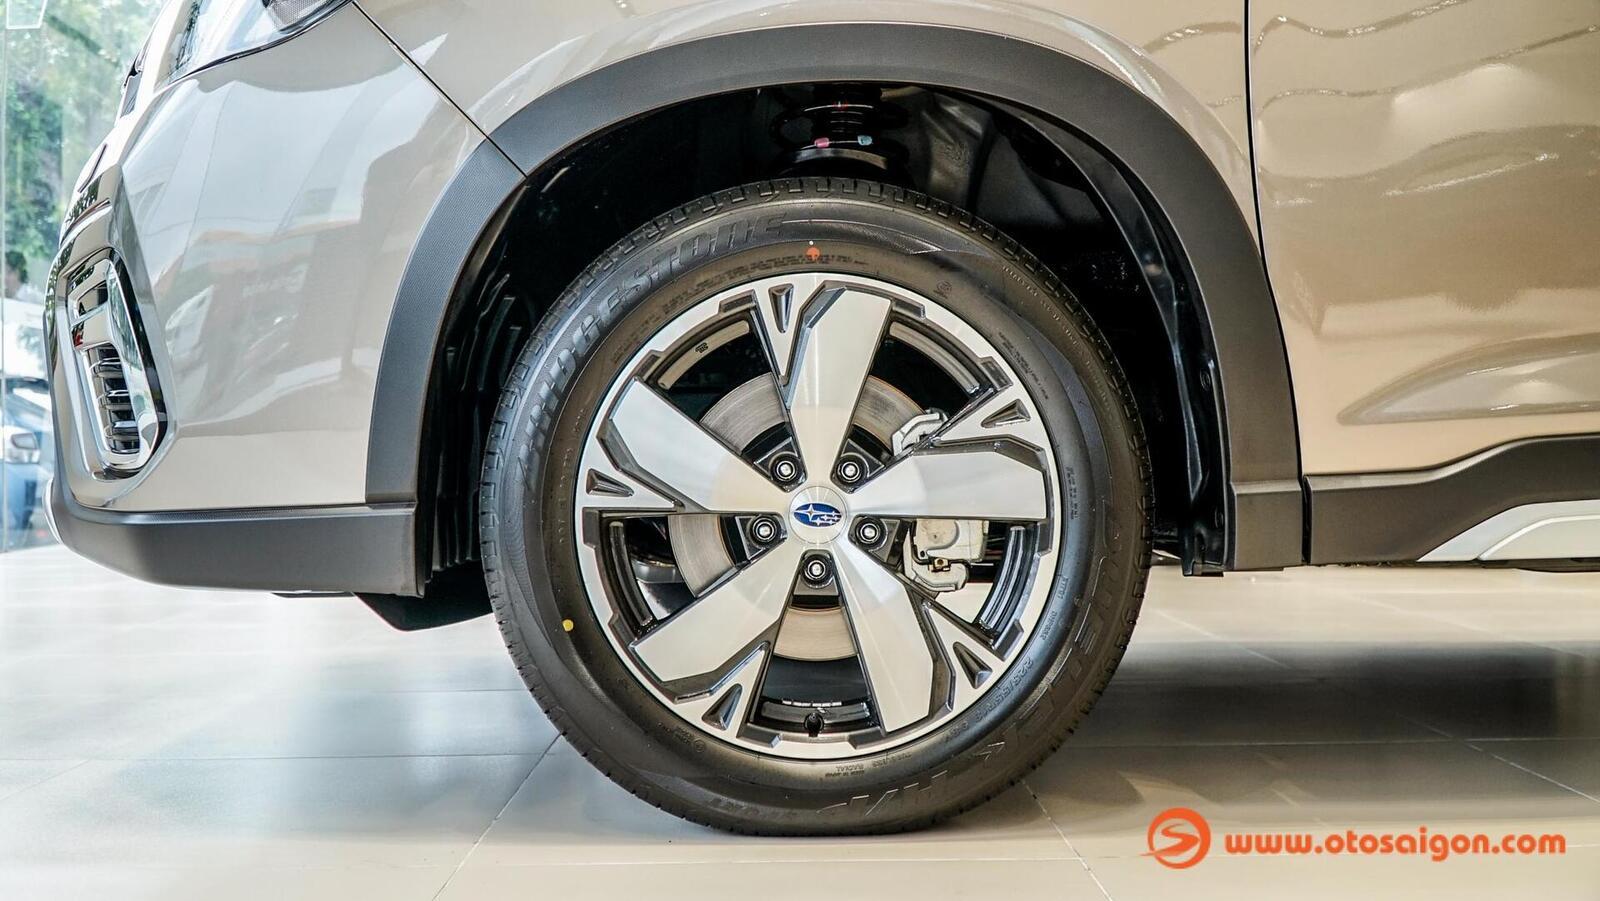 Đánh giá nhanh Subaru Forester thế hệ mới và sự khác biệt giữa hai phiên bản - Hình 14